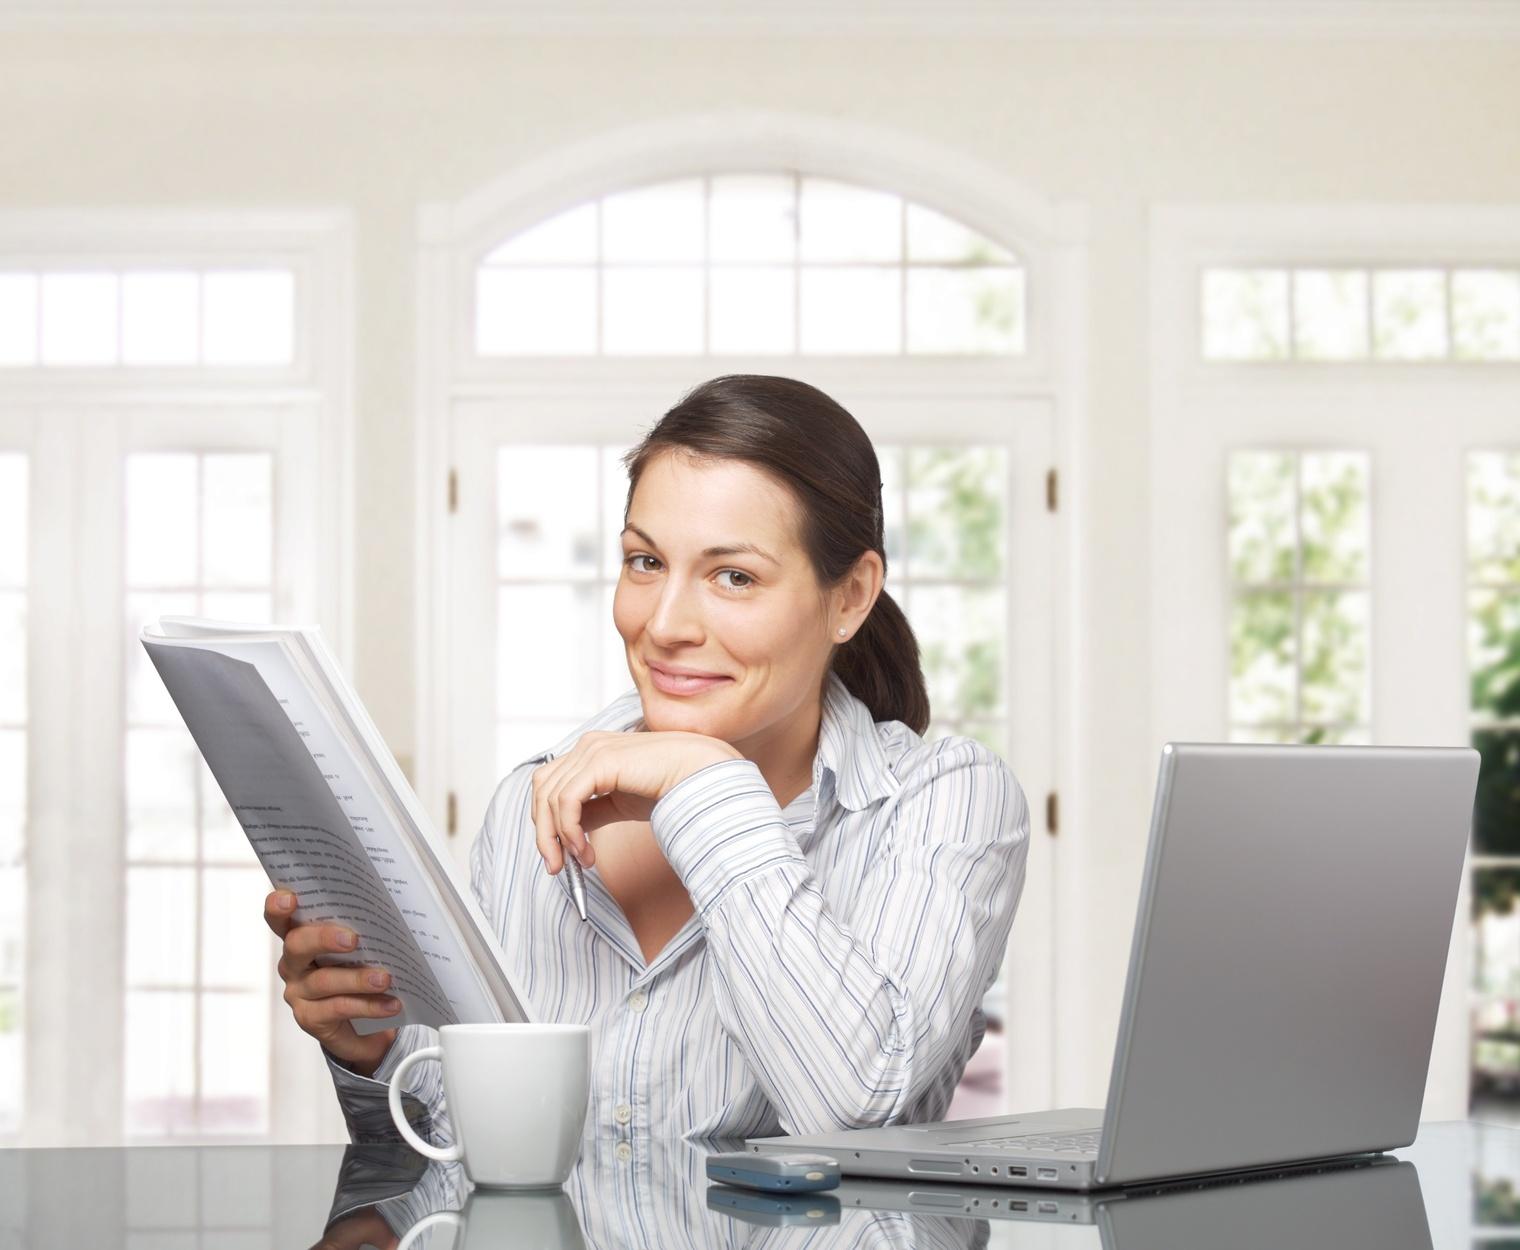 Удаленная работа вакансии астрахань ищу удаленную работу в интернете с бесплатным обучением